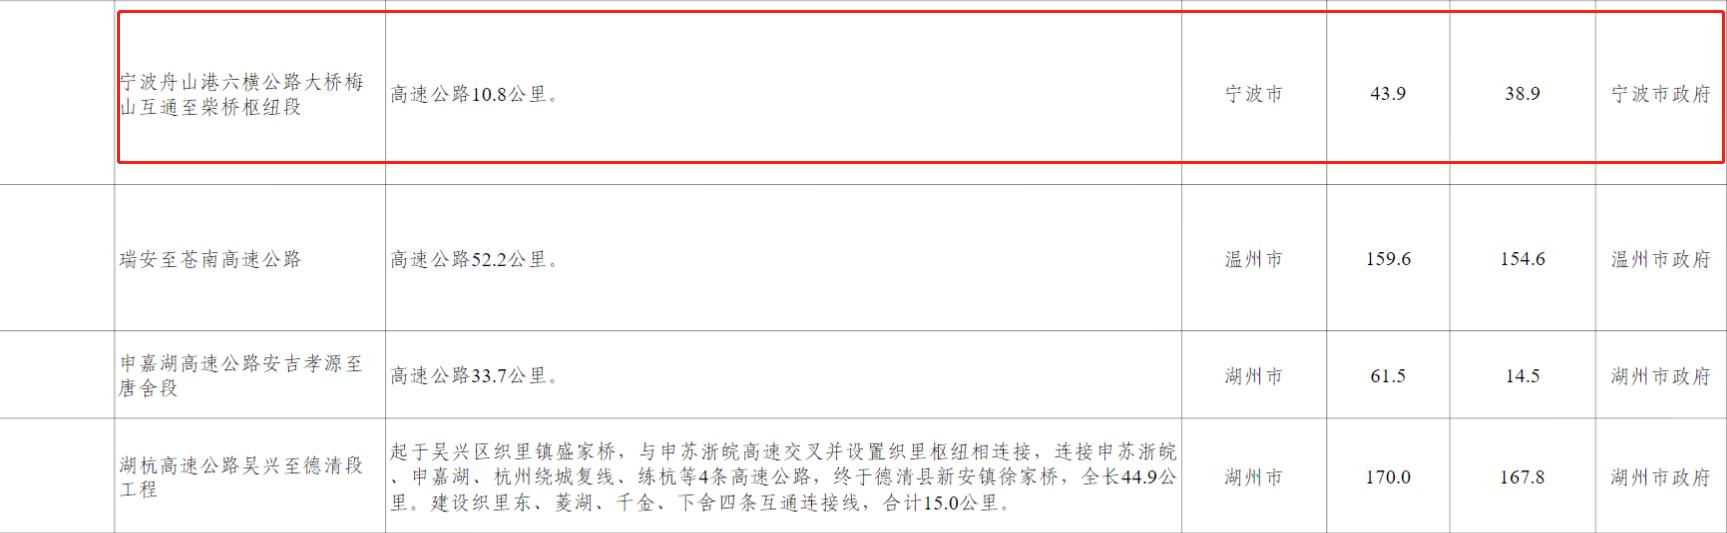 """浙江""""十四五""""规划公开征求意"""